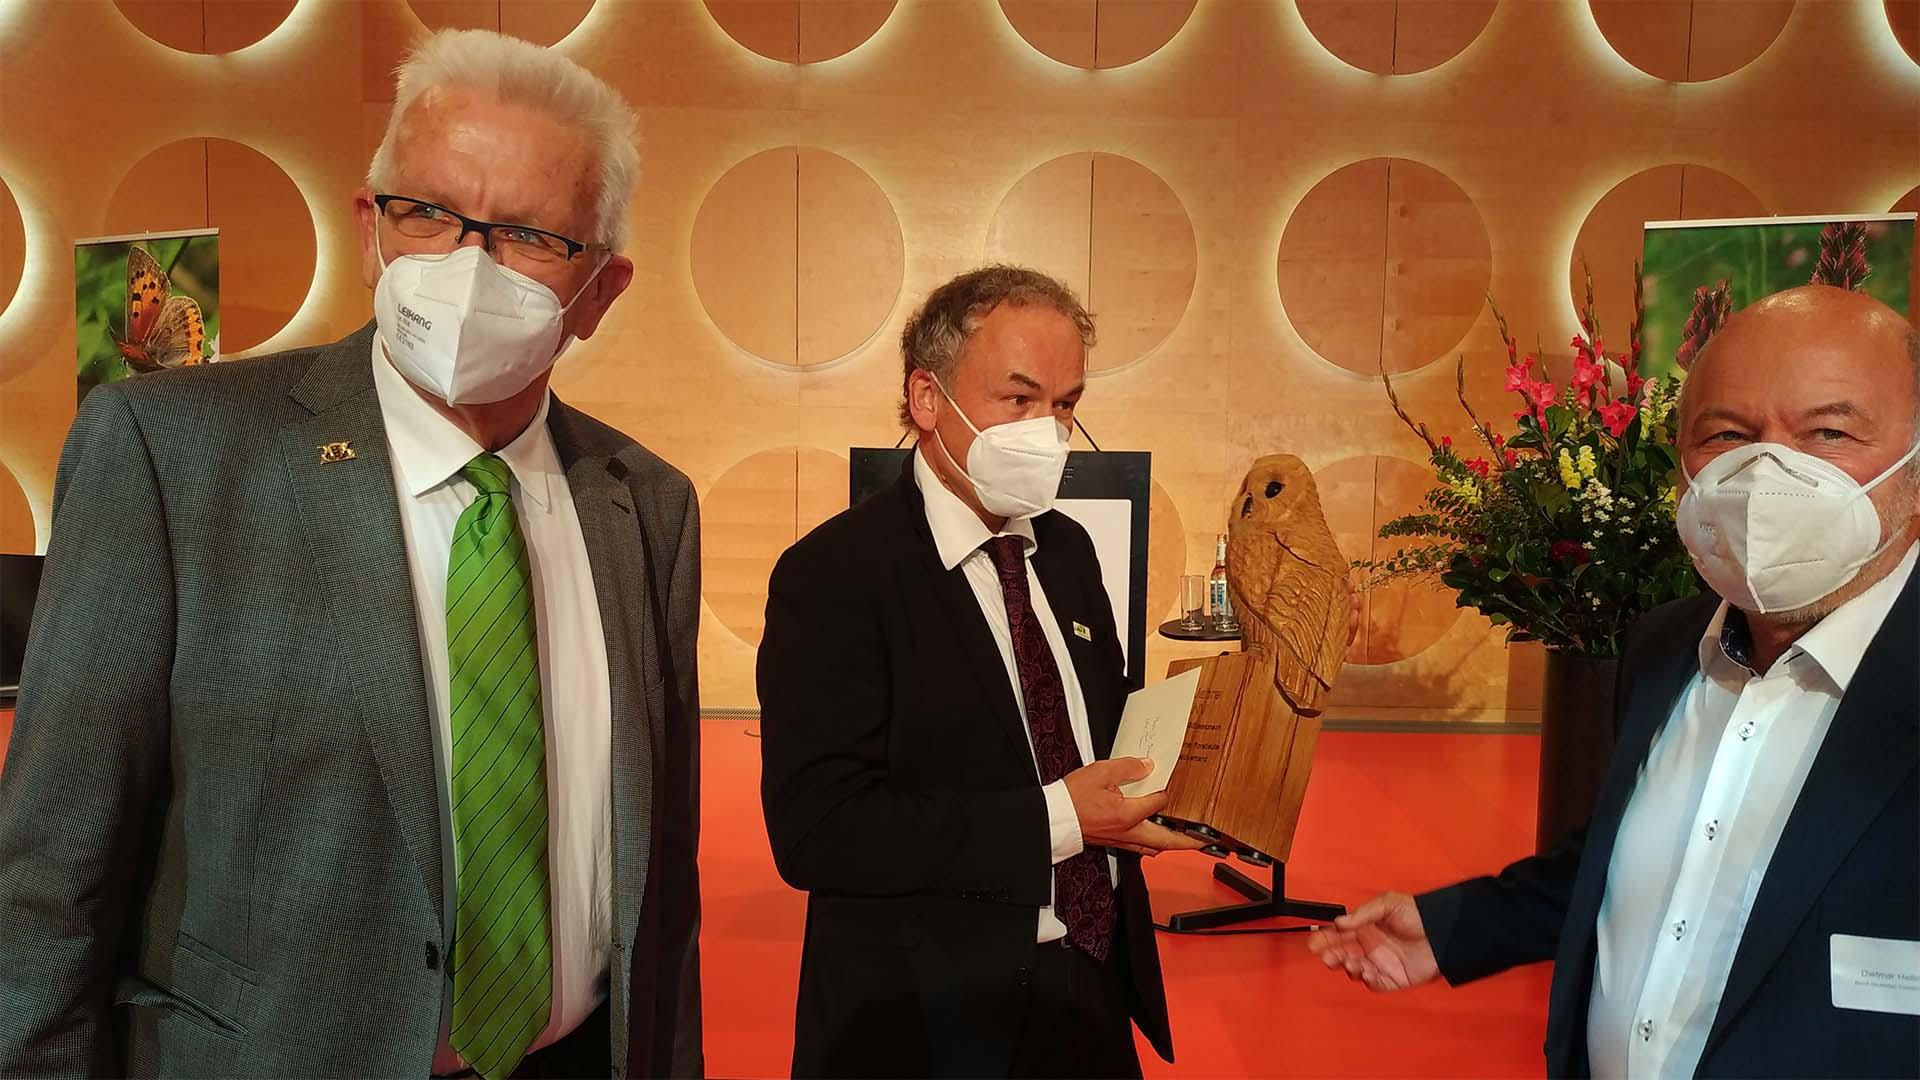 Landeswaldverband gratuliert LNV zum 50. Jubiläum